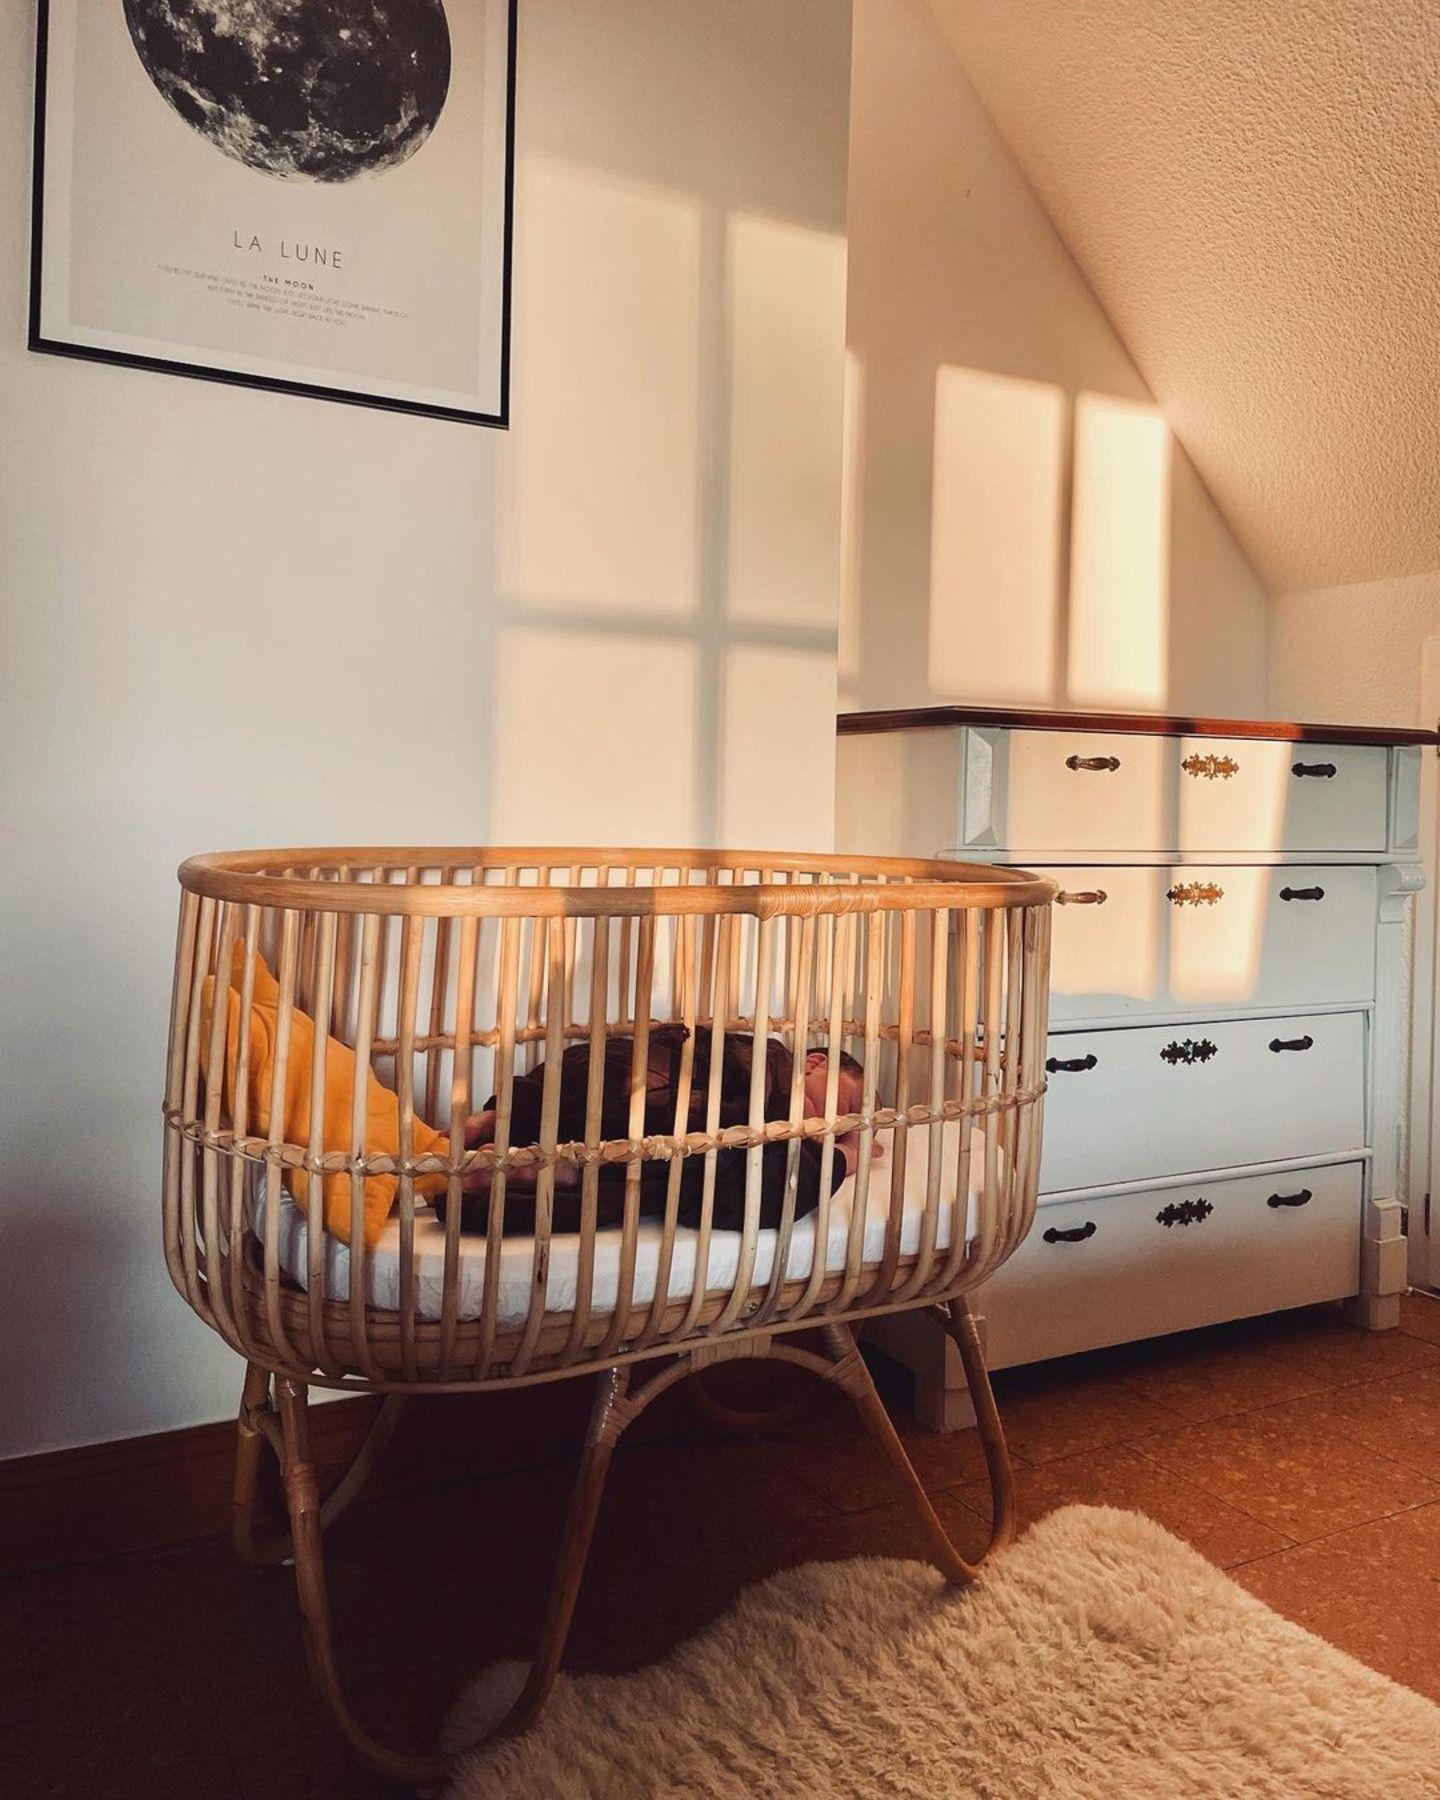 Kinderzimmer der Stars: Svenja Holtmanns Baby liegt im Kinderbettchen